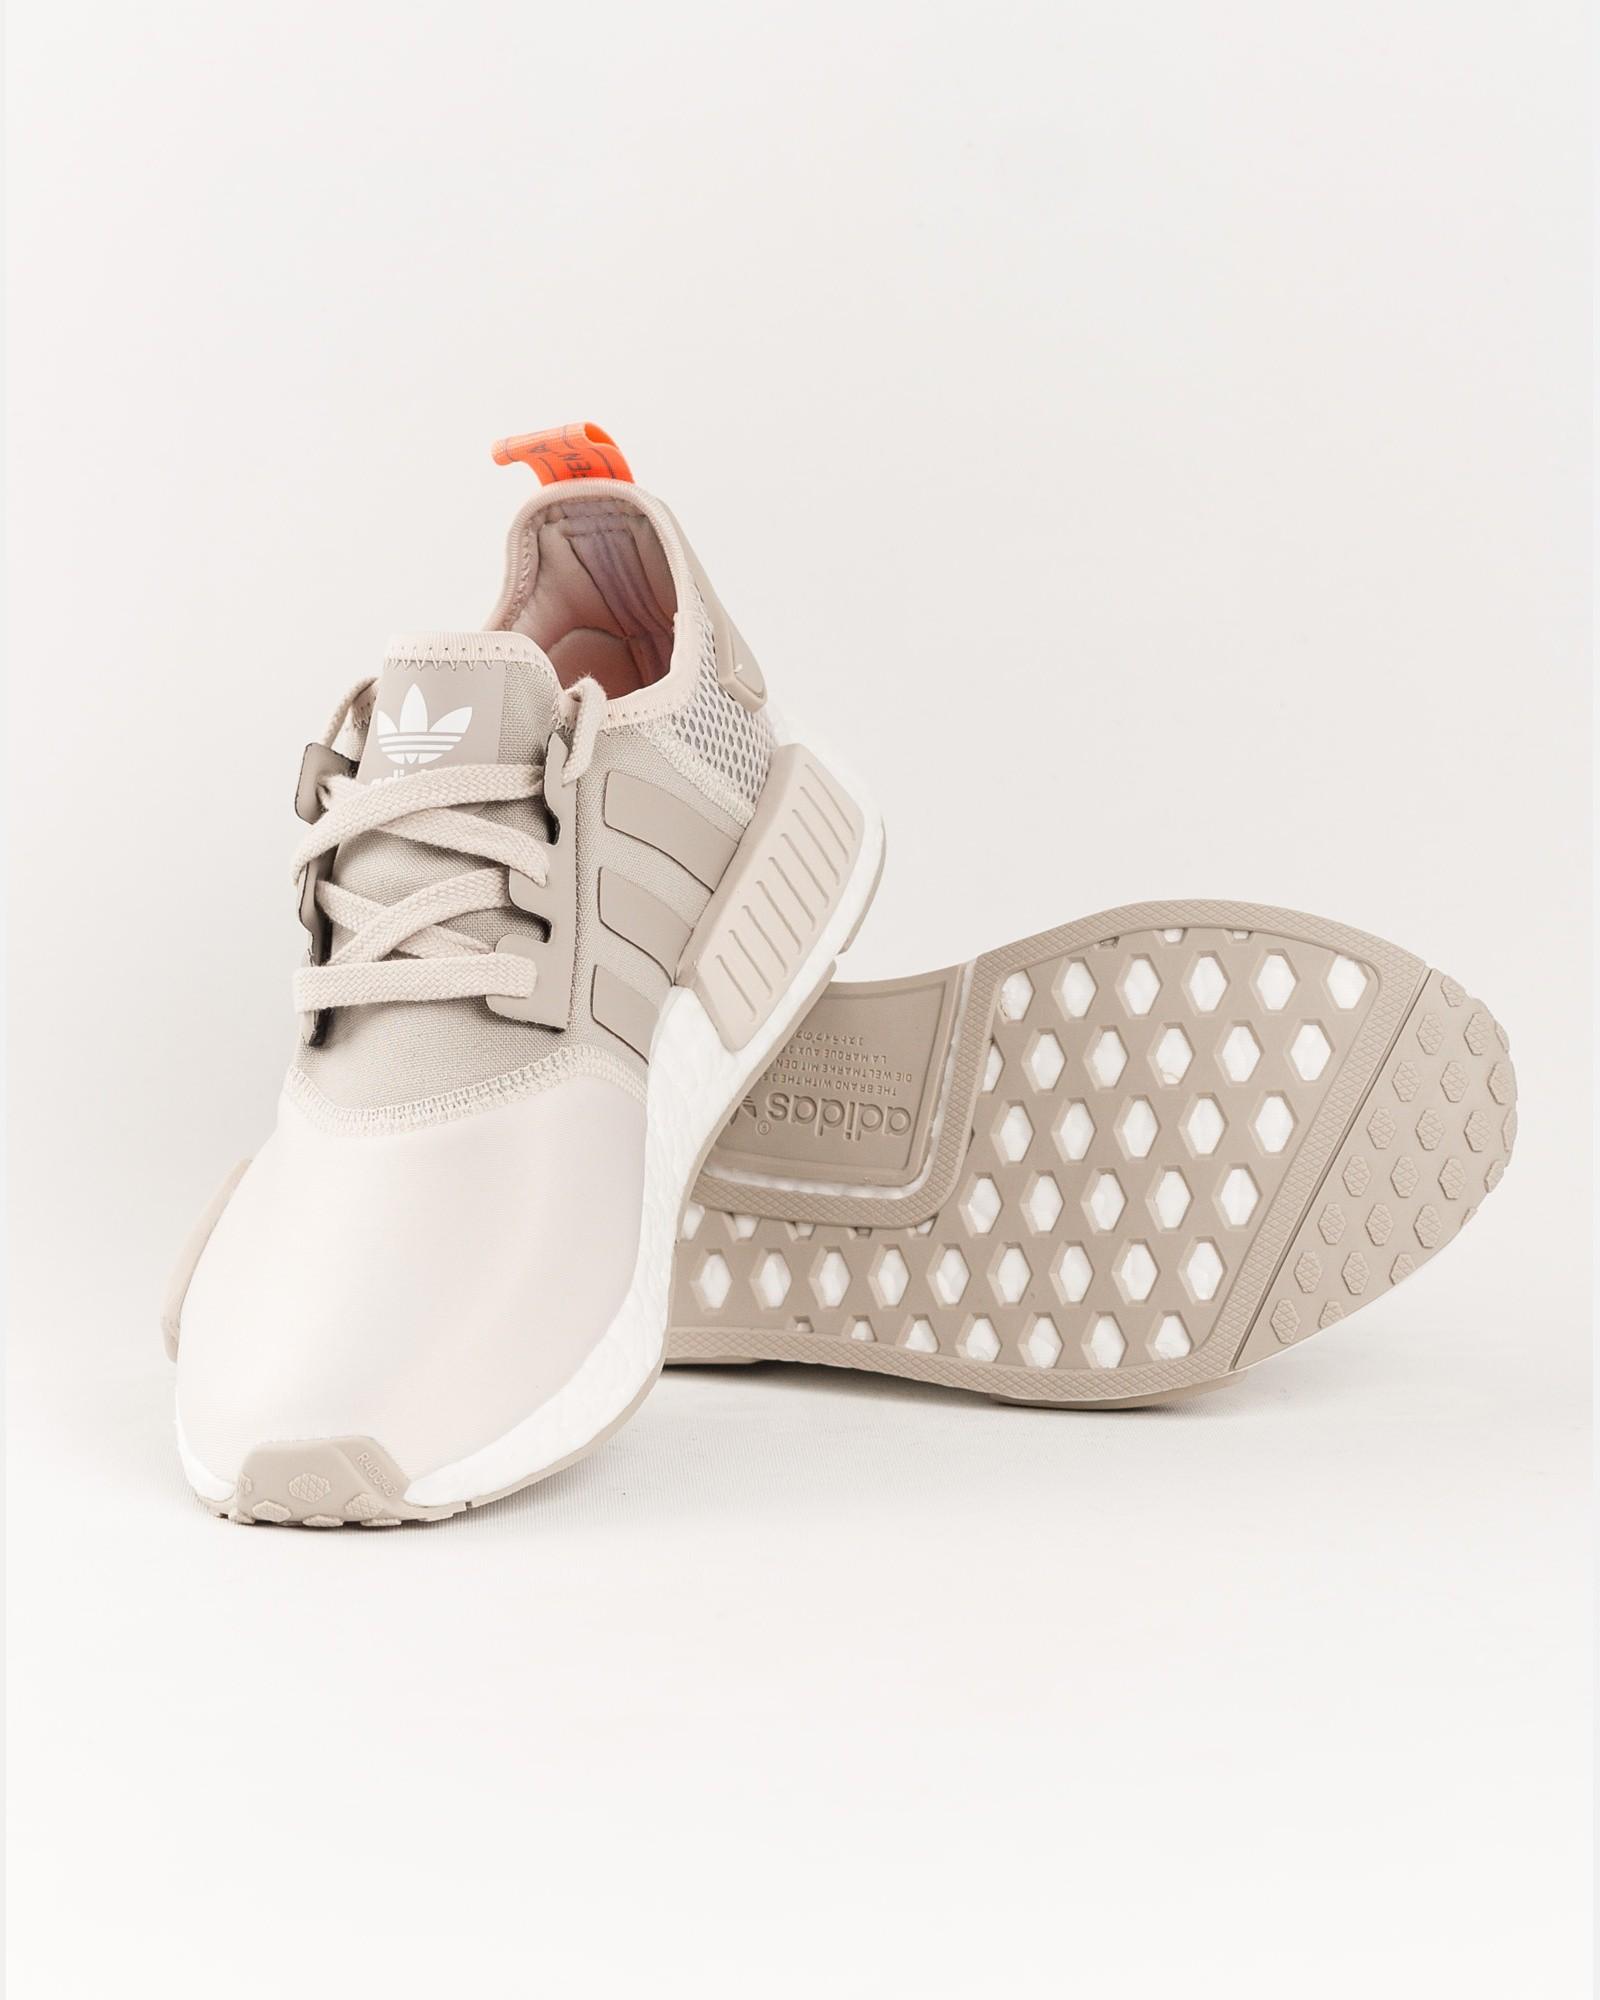 Promotion de groupe adidas nmd xr1 femme pas cher.Dédié à ...